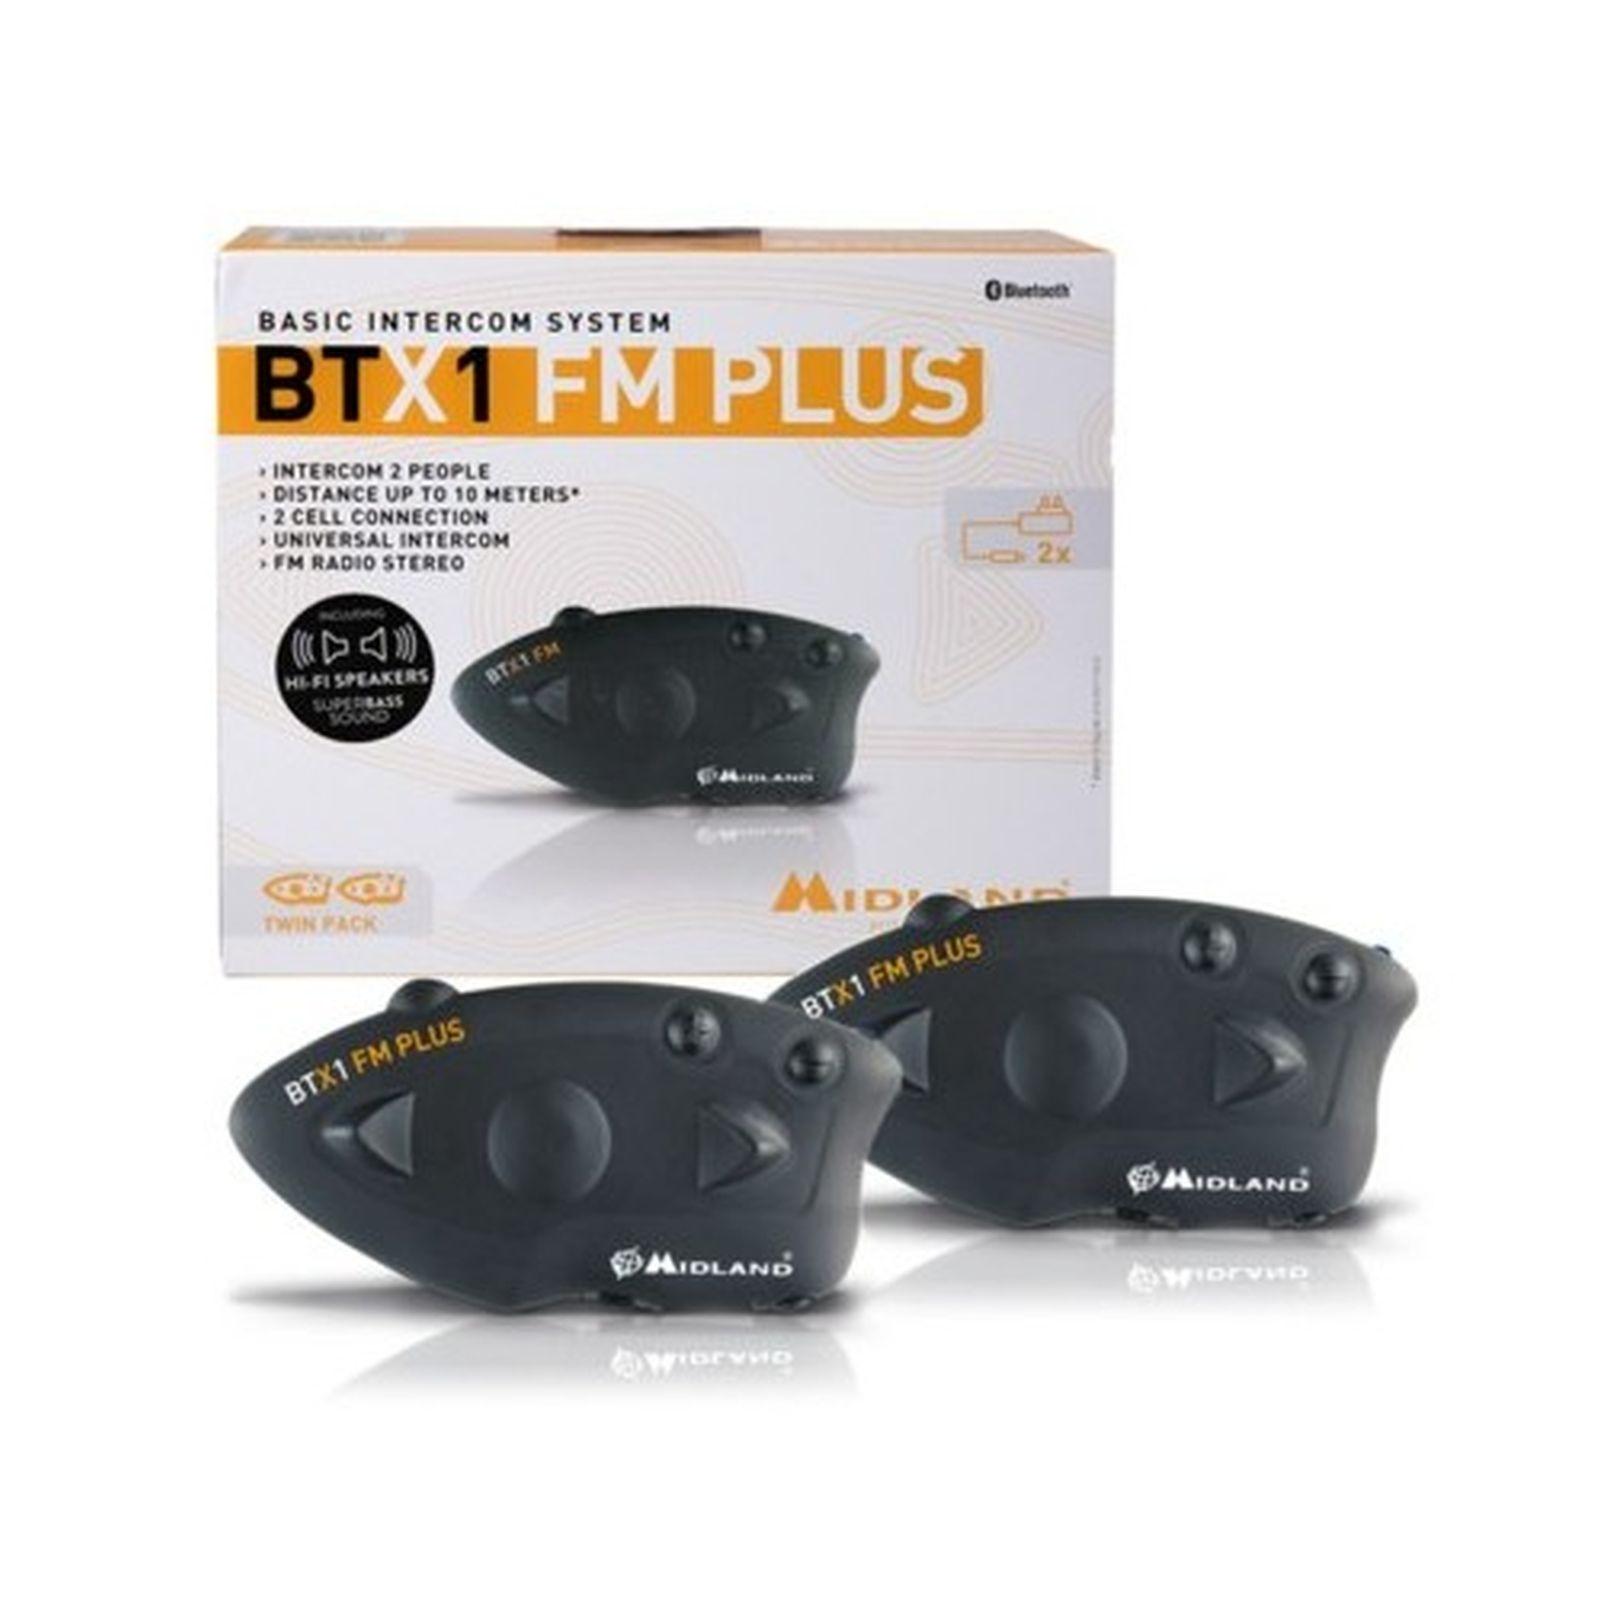 BT X1 FM PLUS CON HI-FI SPEAKERS TWIN